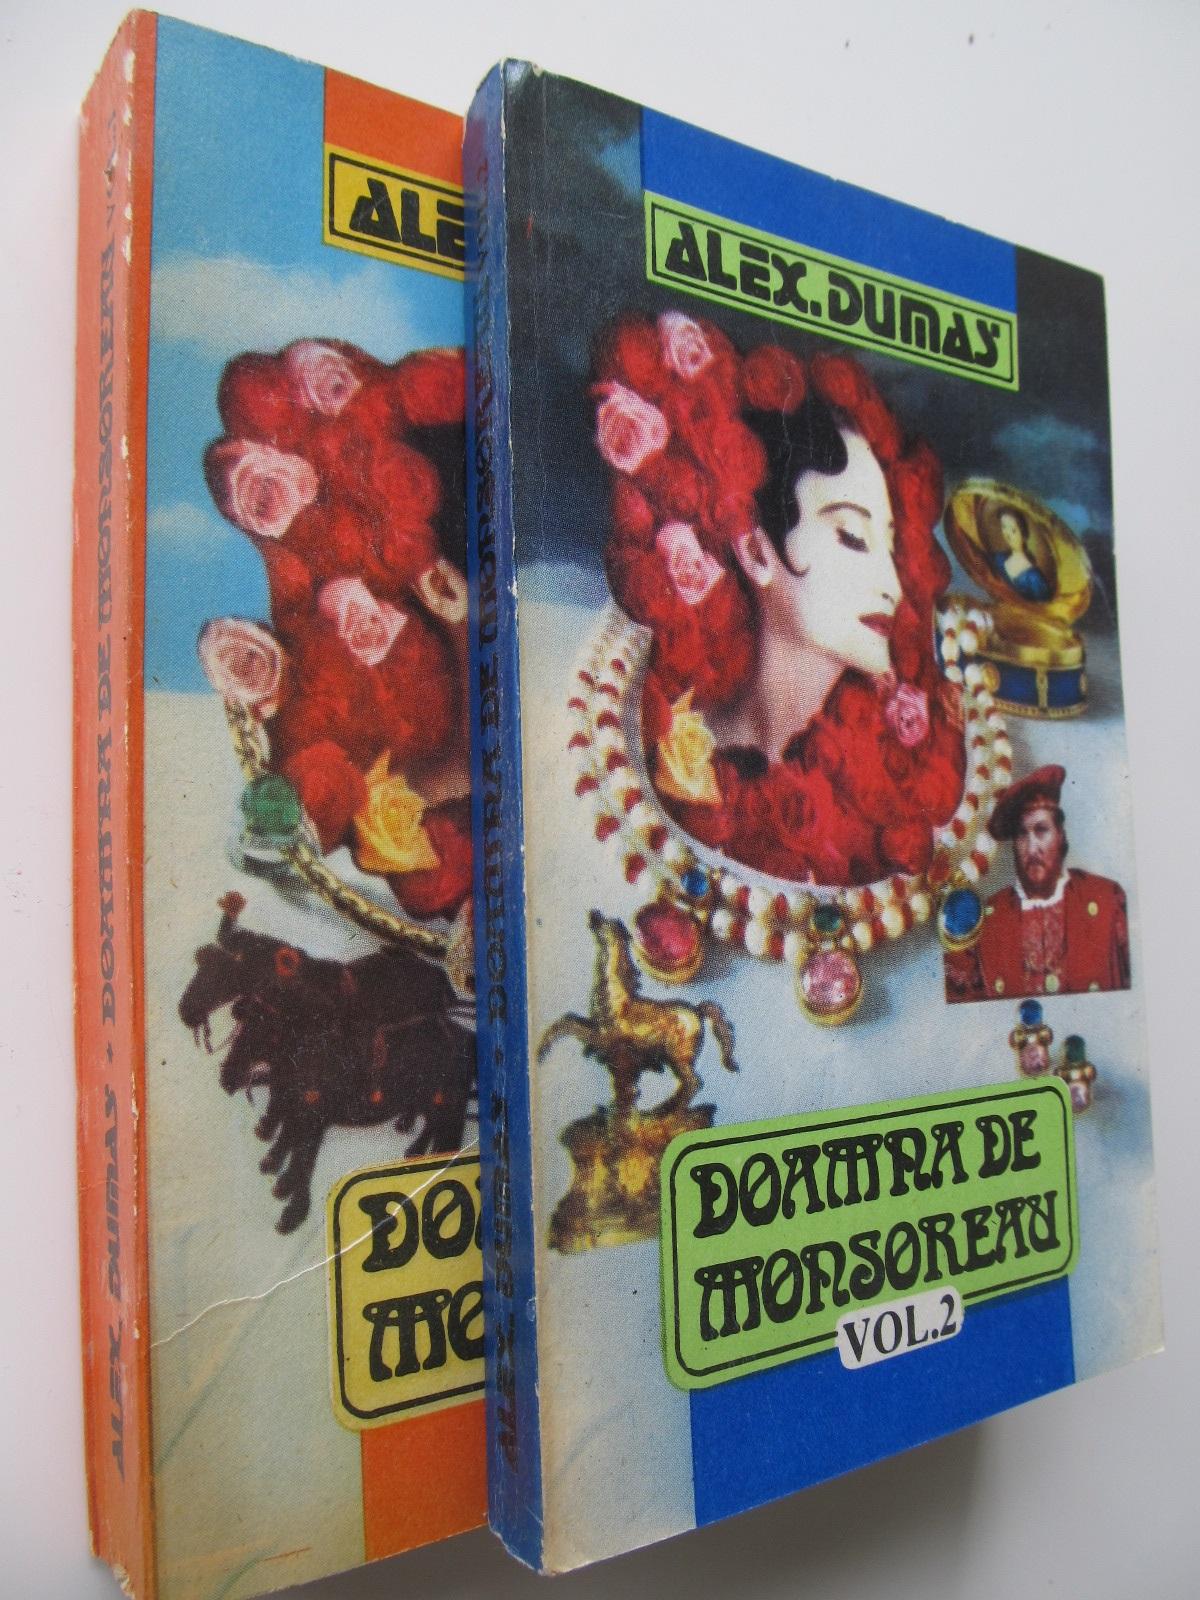 Carte Doamna de Monsoreau (2 vol.) - Alexandre Dumas